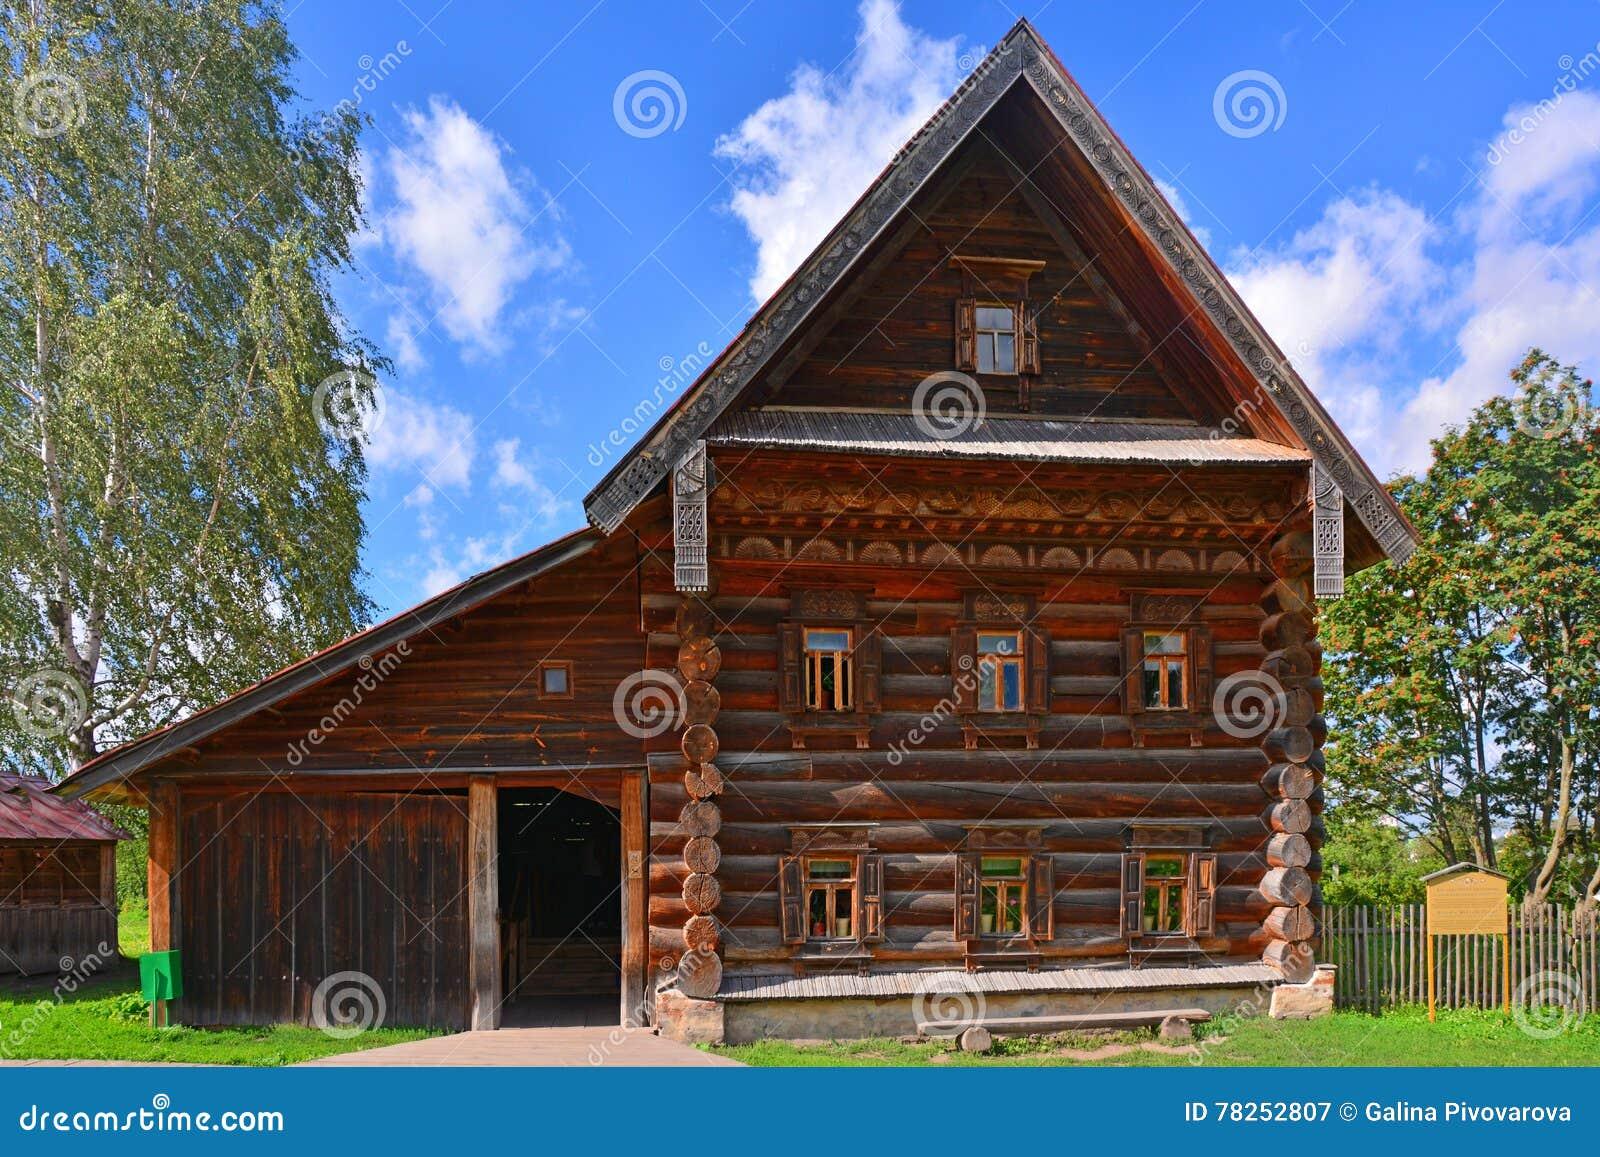 Σπίτι του ακμάζοντος αγρότη του 19ου αιώνα στο μουσείο της ξύλινης αρχιτεκτονικής στο Σούζνταλ, Ρωσία